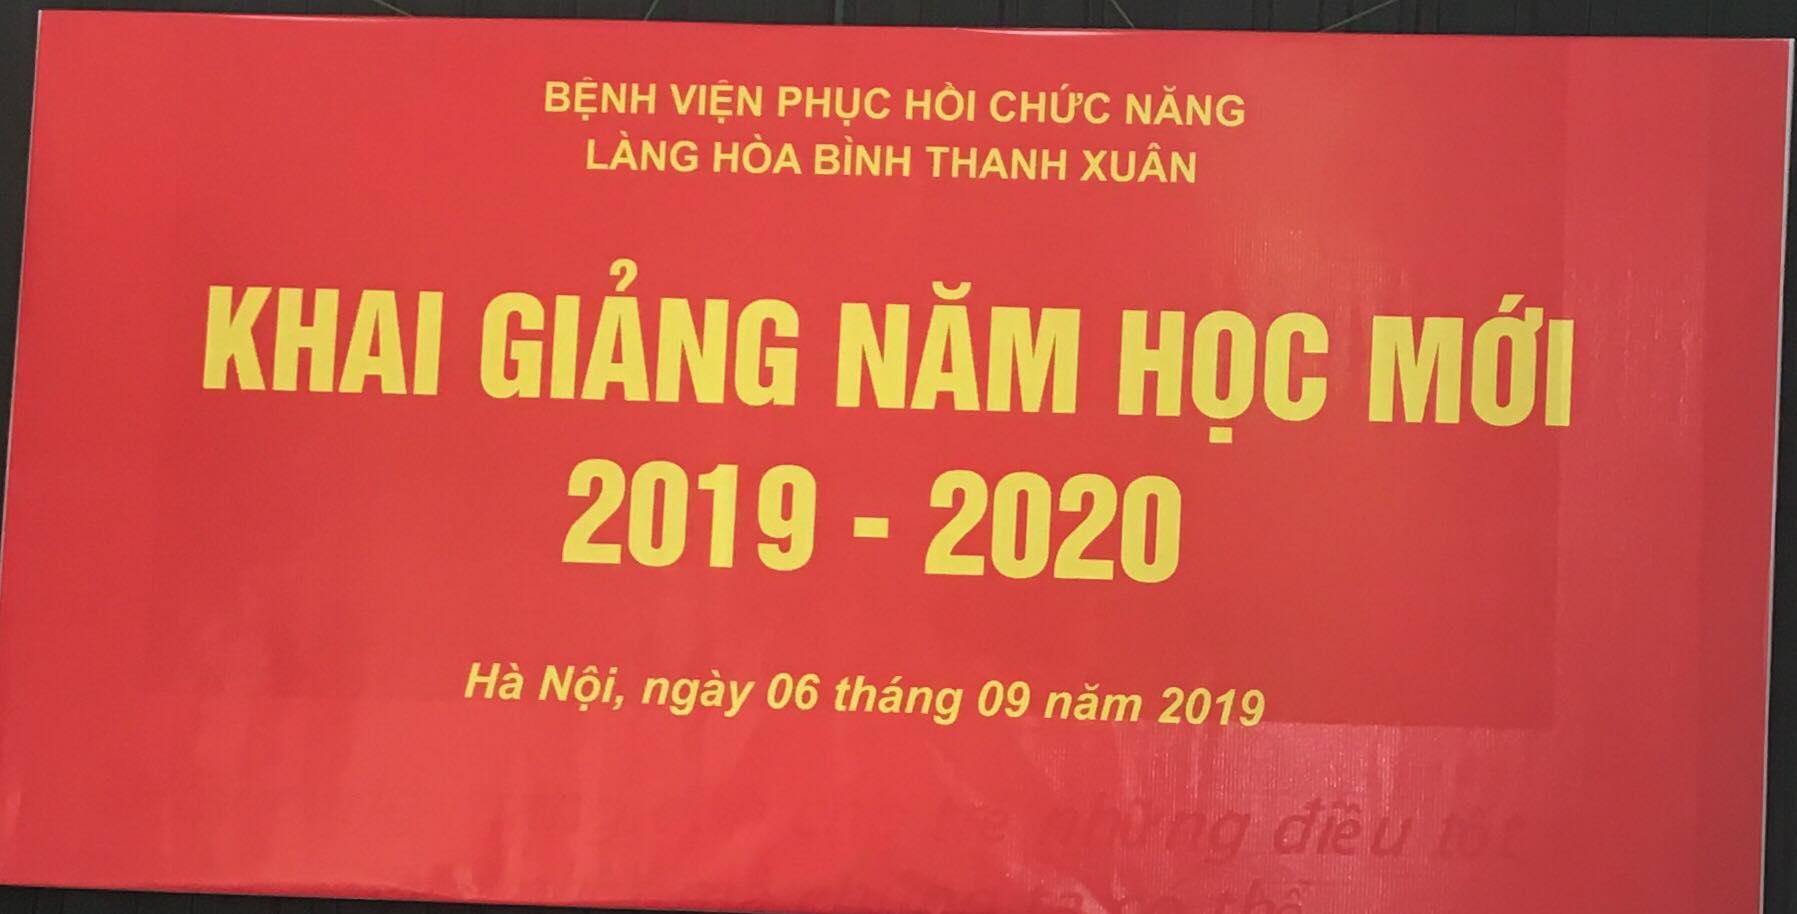 Khai giảng năm học mới 2019-2020 tại Làng Hòa Bình Thanh Xuân